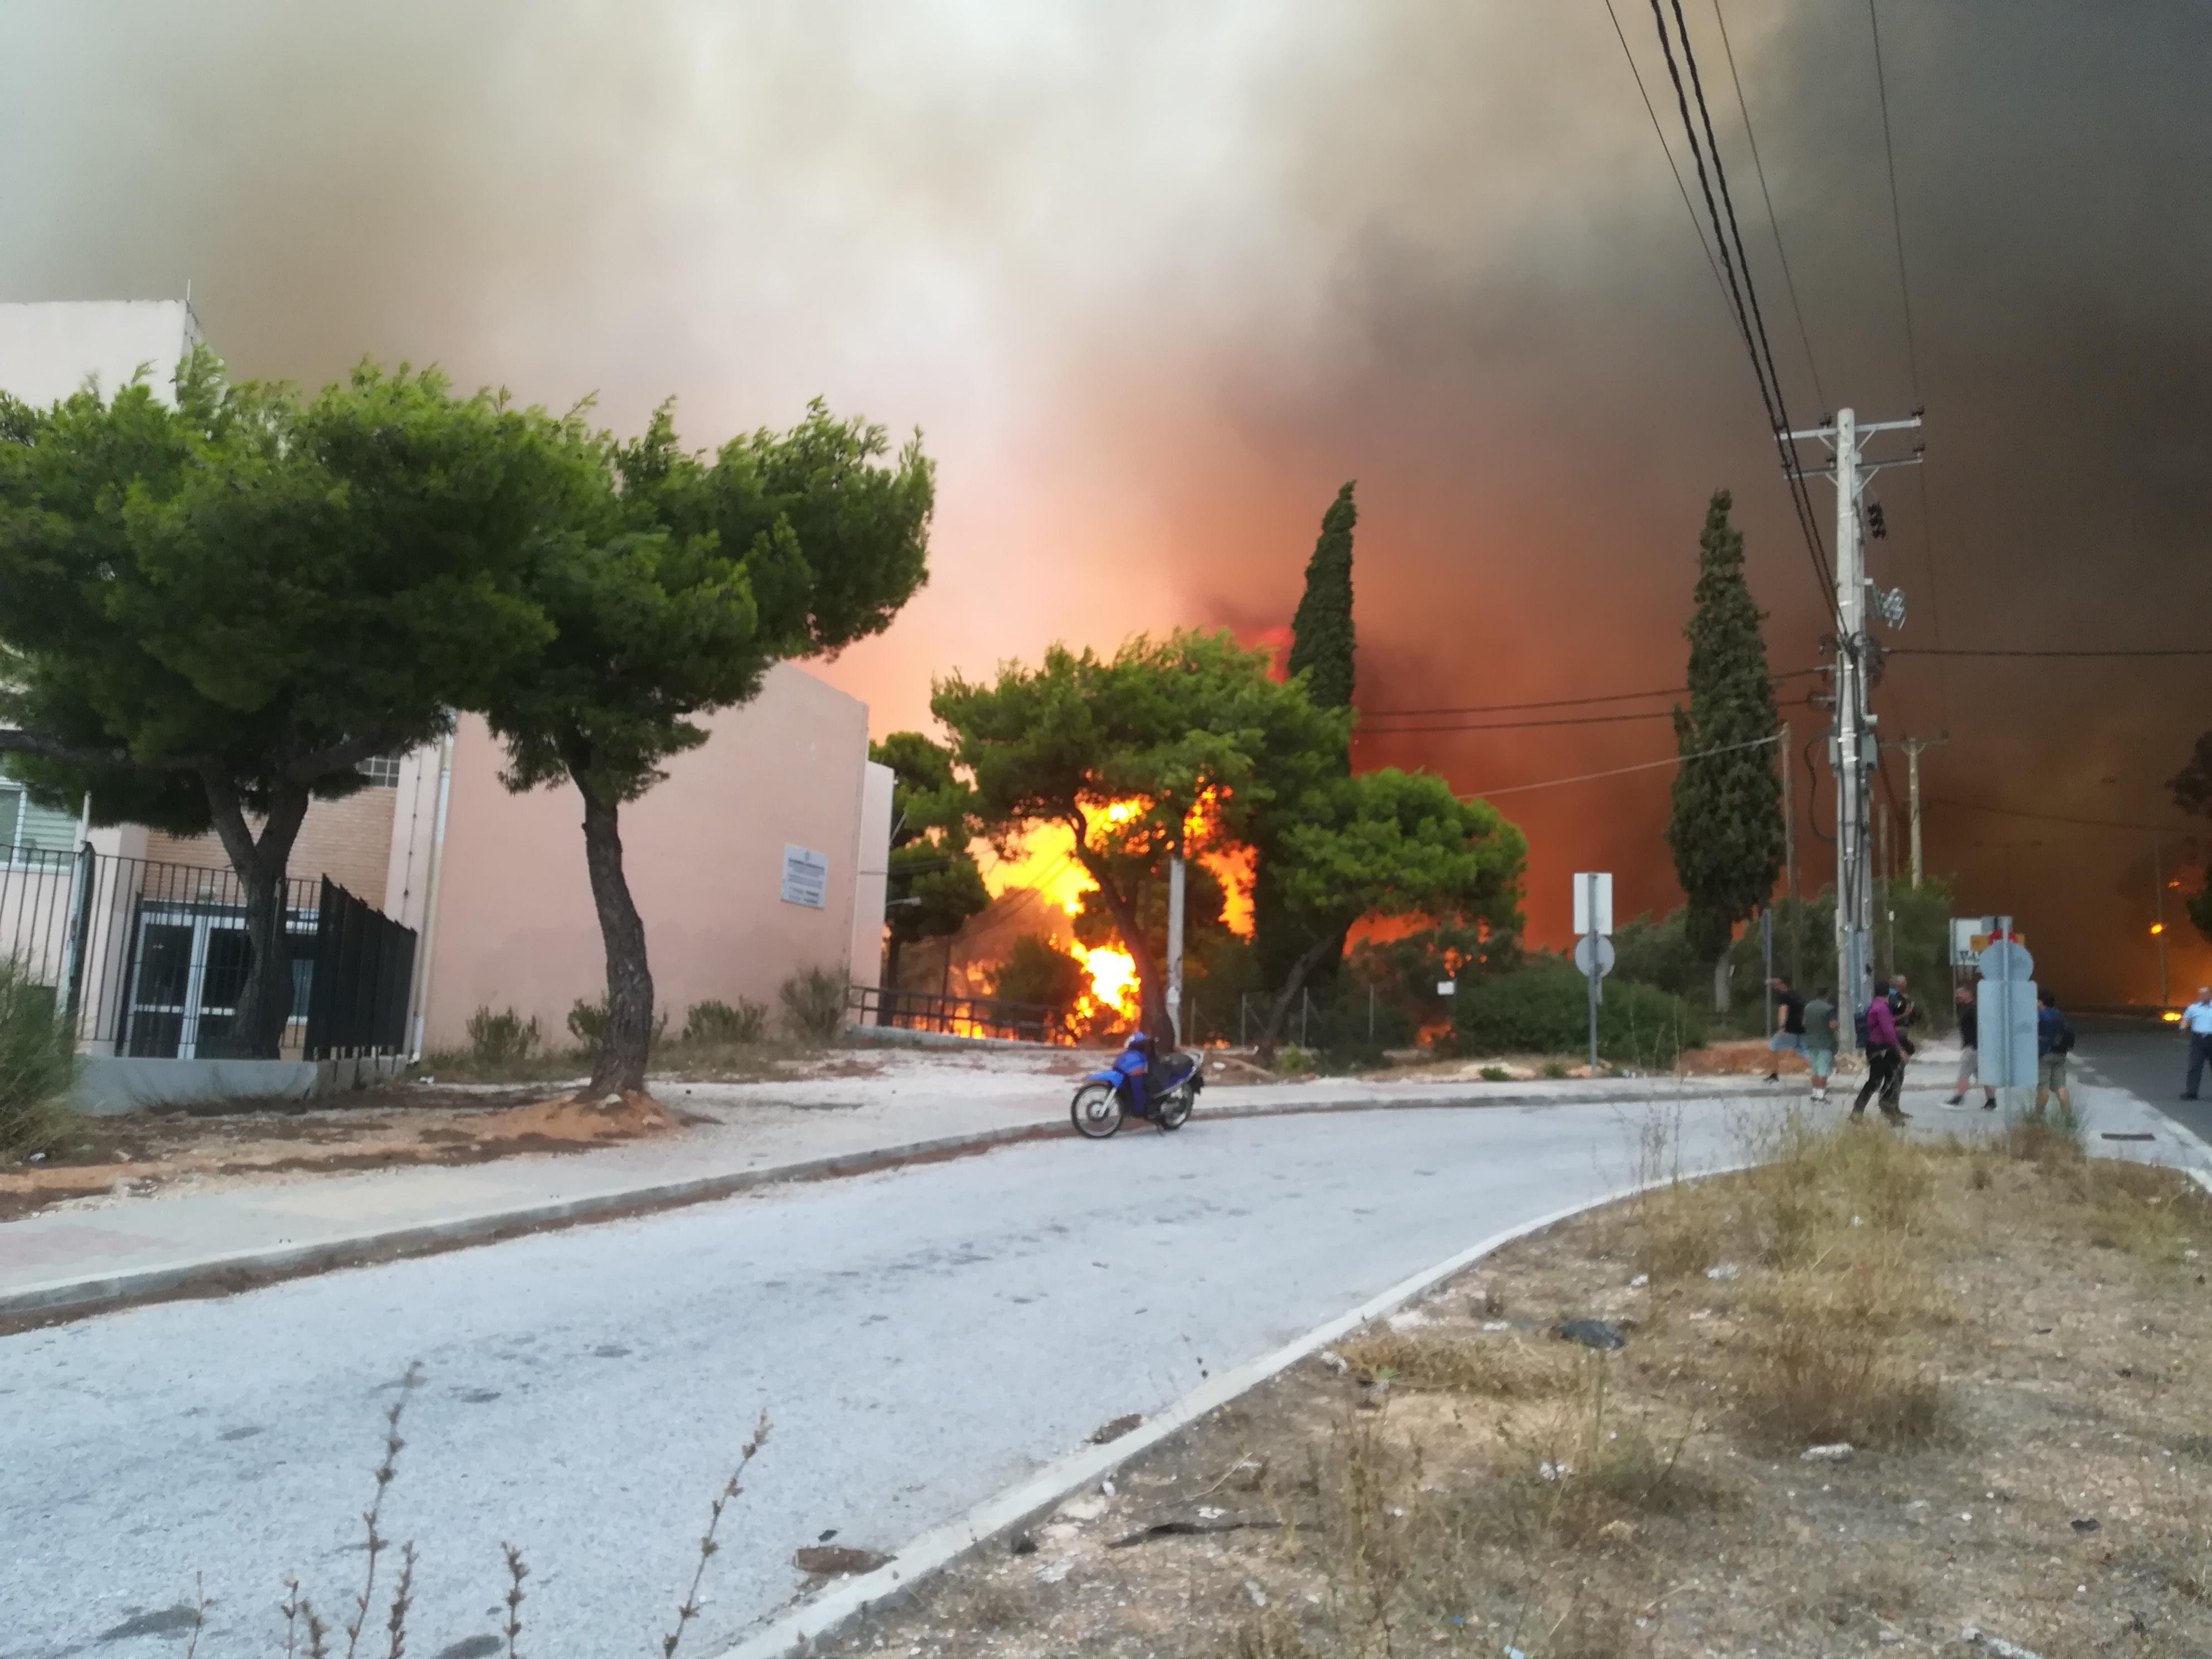 eikones-oloklirotikis-katastrofis-apo-tis-pyrkagies-foto-amp-8211-vinteo30